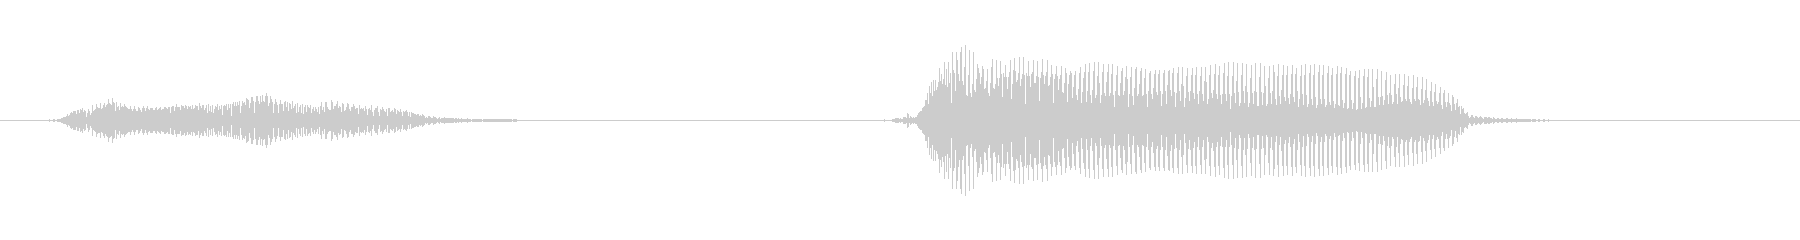 いった!(ダメージ)の未再生の波形